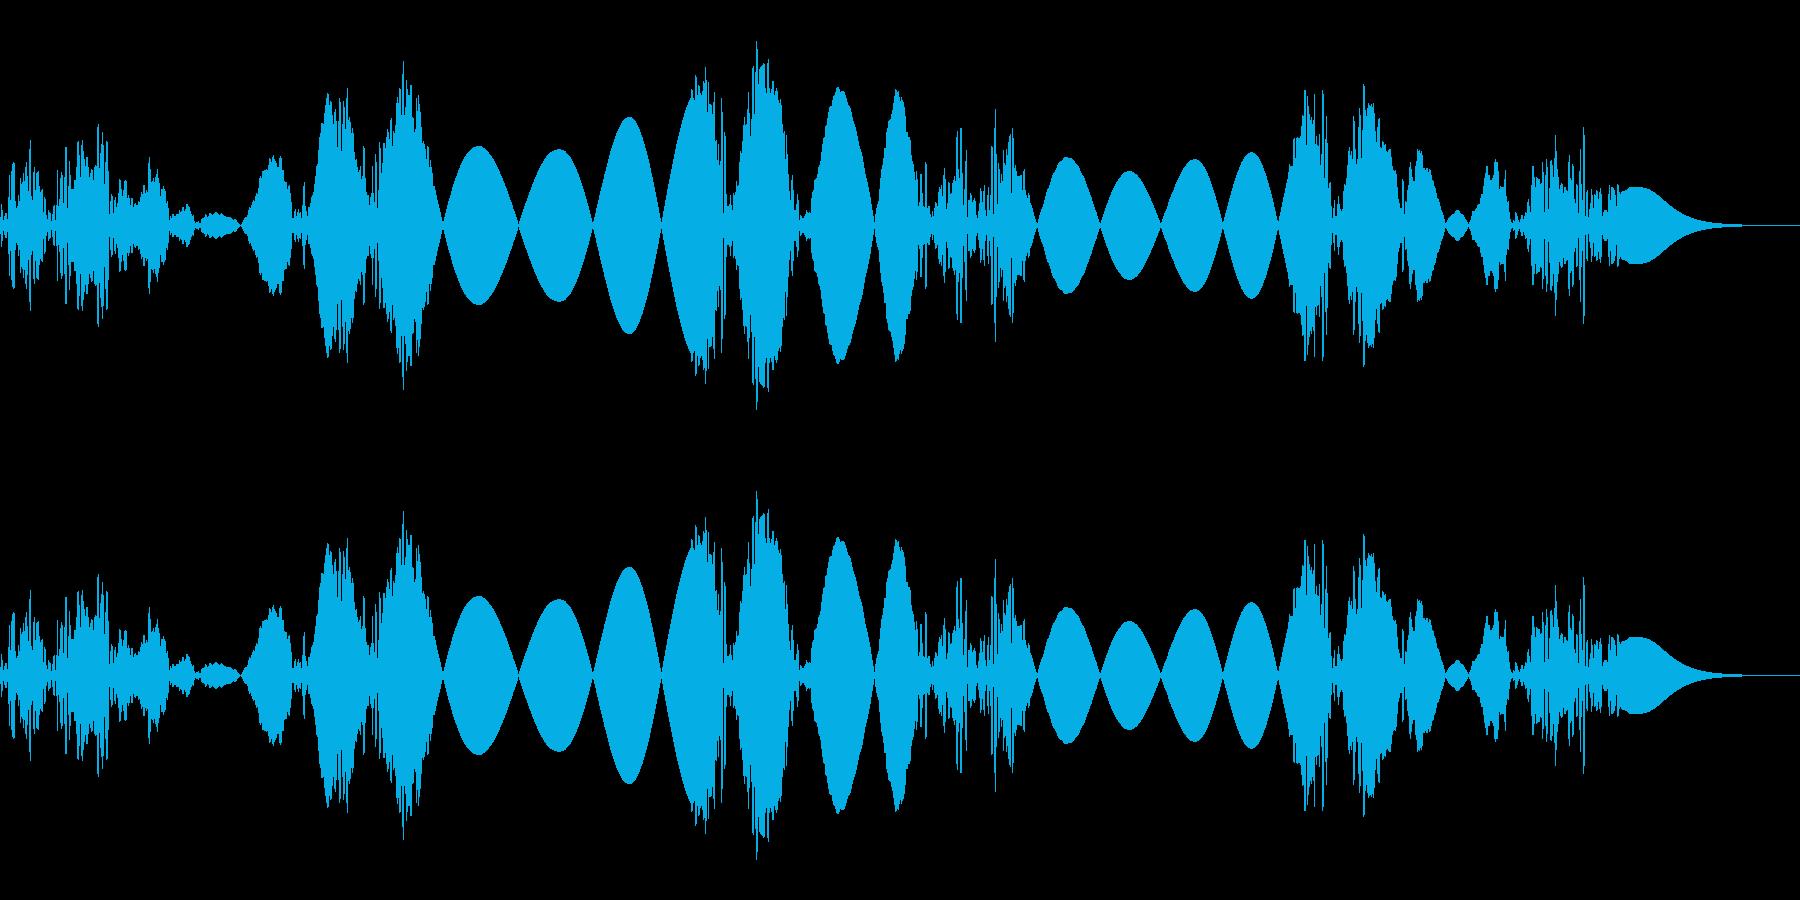 シャカシャカシャカ(高速)2の再生済みの波形